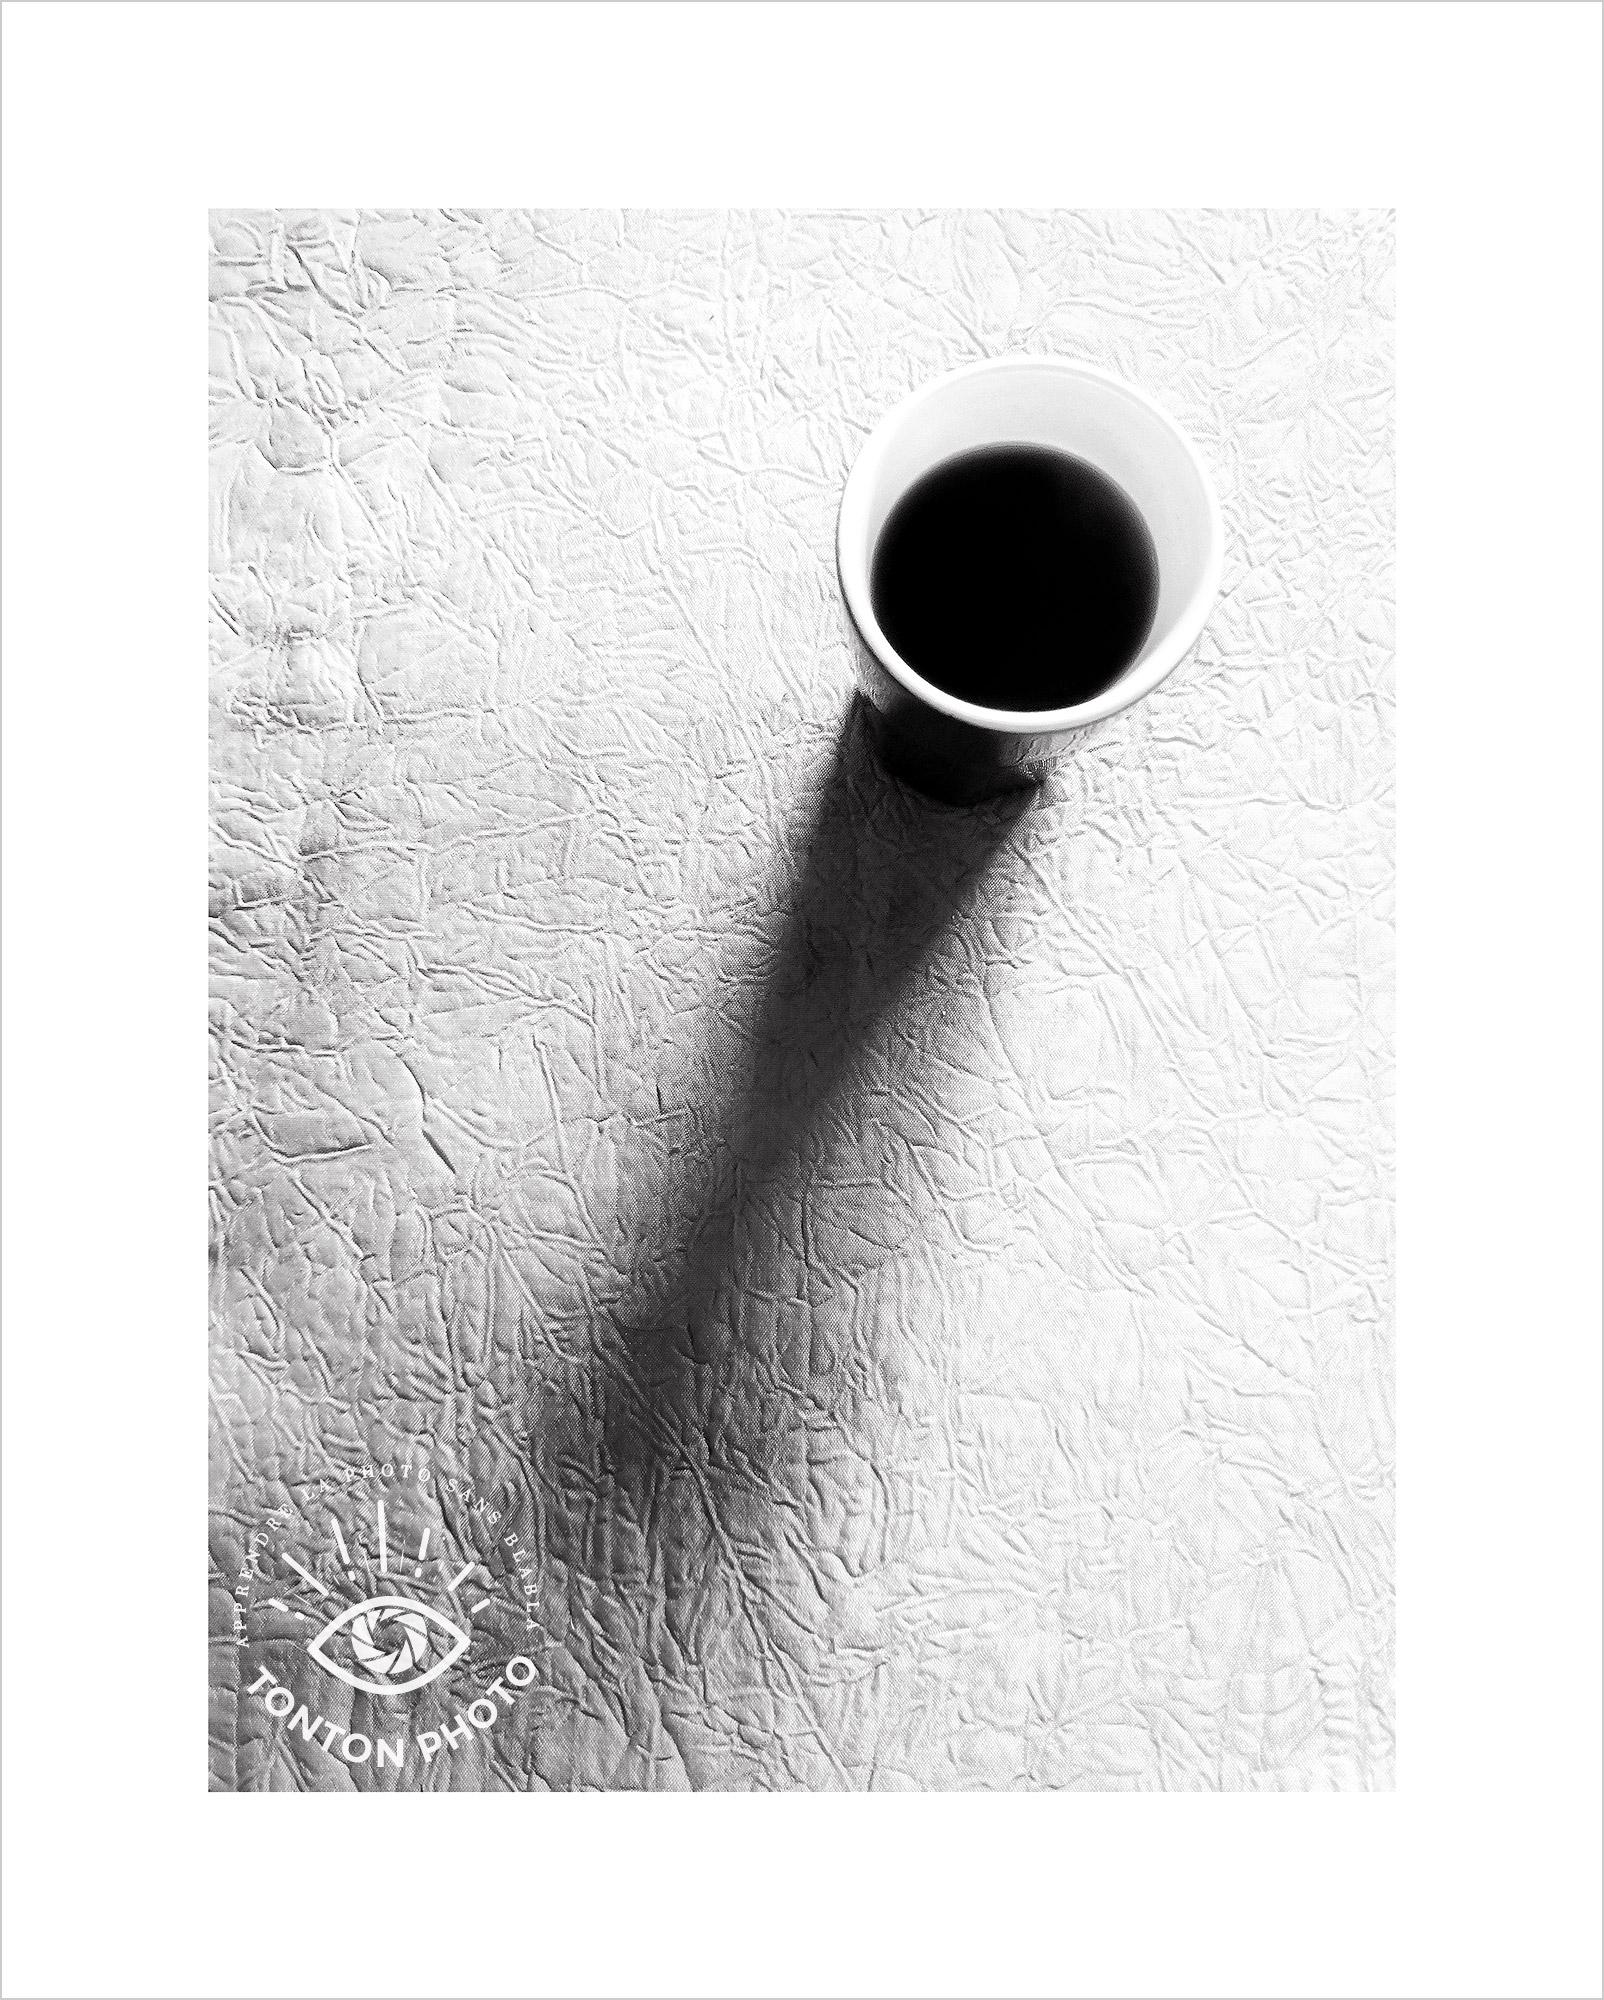 Jeu d'ombre et lumière sur une tasse à café... Pas besoin de chercher très loin pour s'amuser en photo ! Image prise au smartphone Xiaomi Mi Mix 3 © Tonton Photo